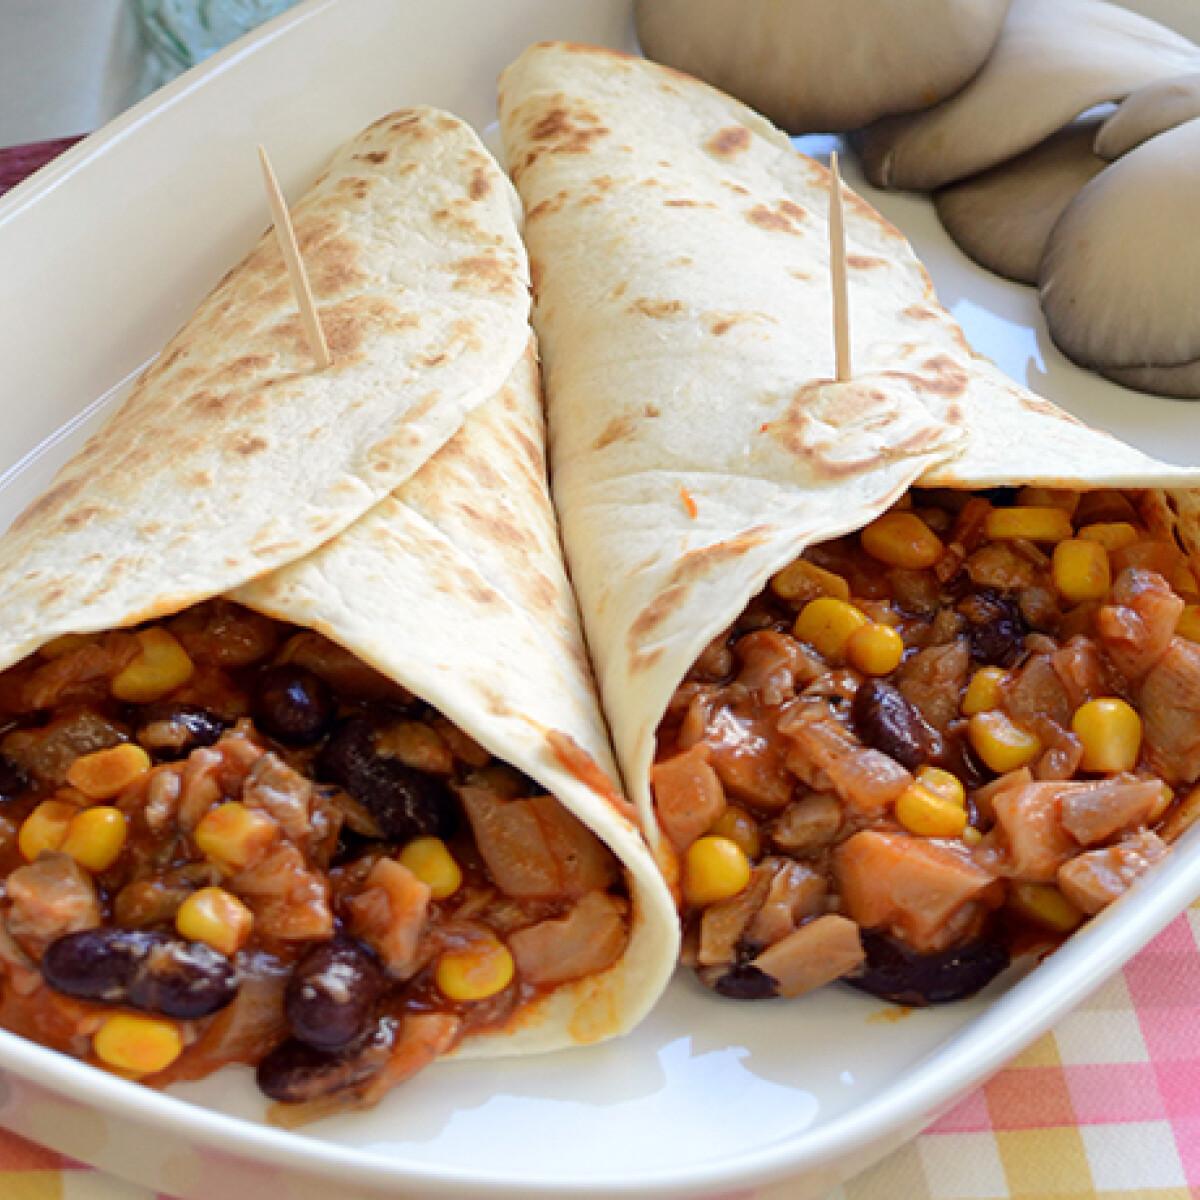 Ezen a képen: Vega chilis bab tacoba töltve